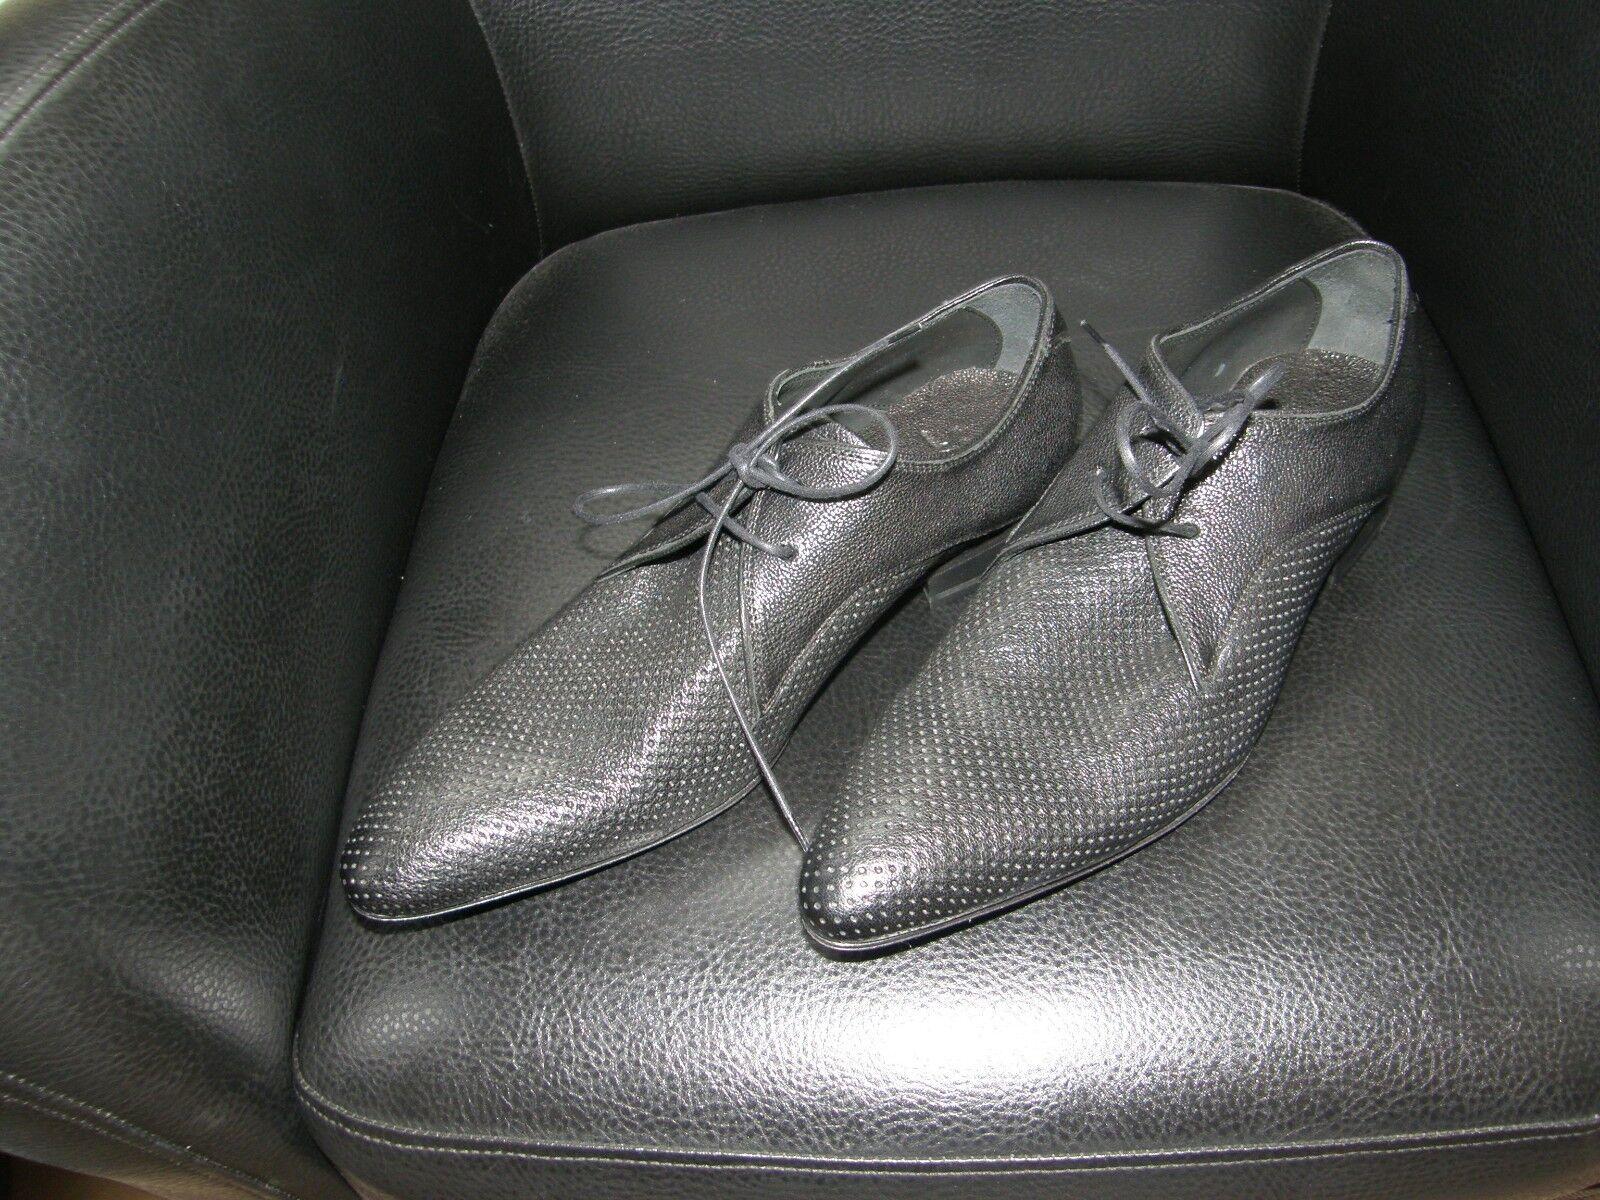 Billig gute Qualität N-D-C-Made-By-Hand-Herren Gr.40-Lederschuhe Business schuhe NEU!!!!!!!!!!!!